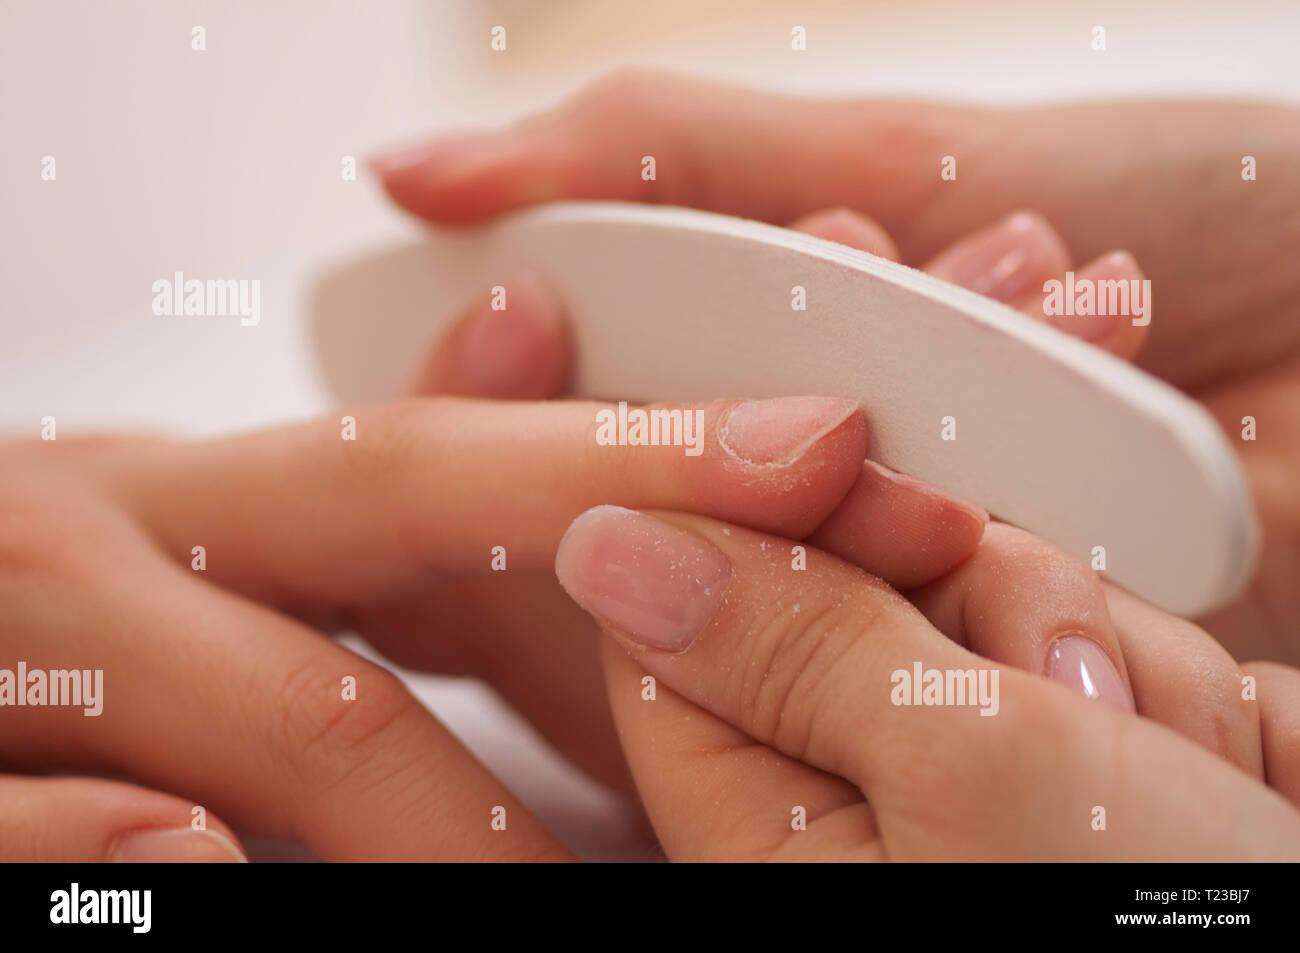 Using nail buffer at nail salon. - Stock Image